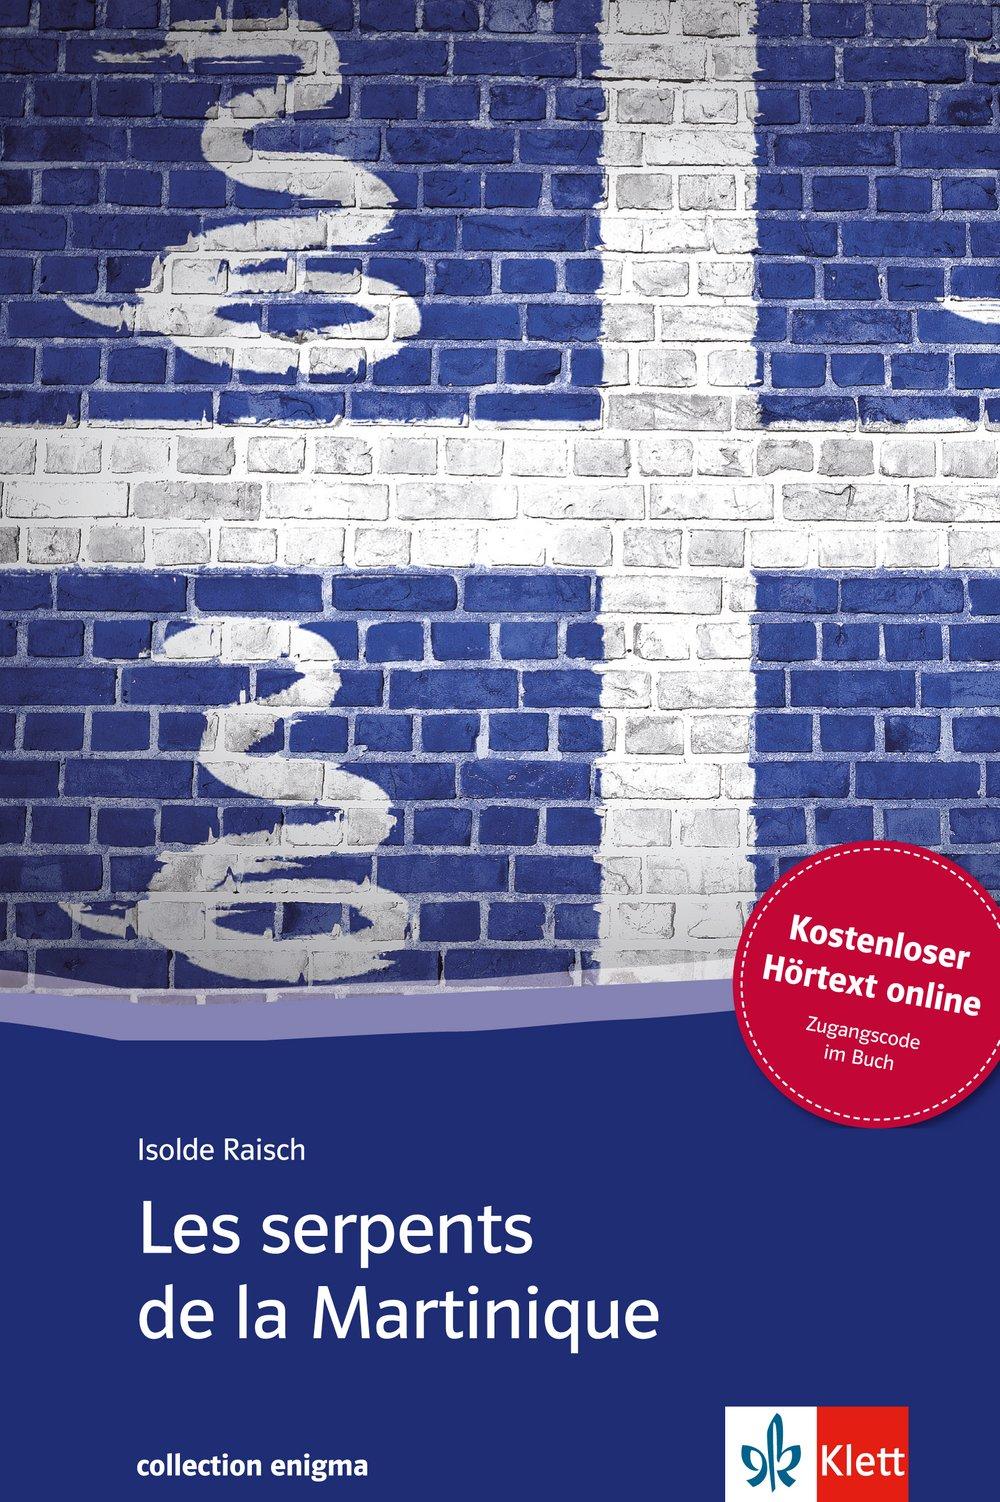 Les serpents de la Martinique: Mit Annotationen (collection enigma)